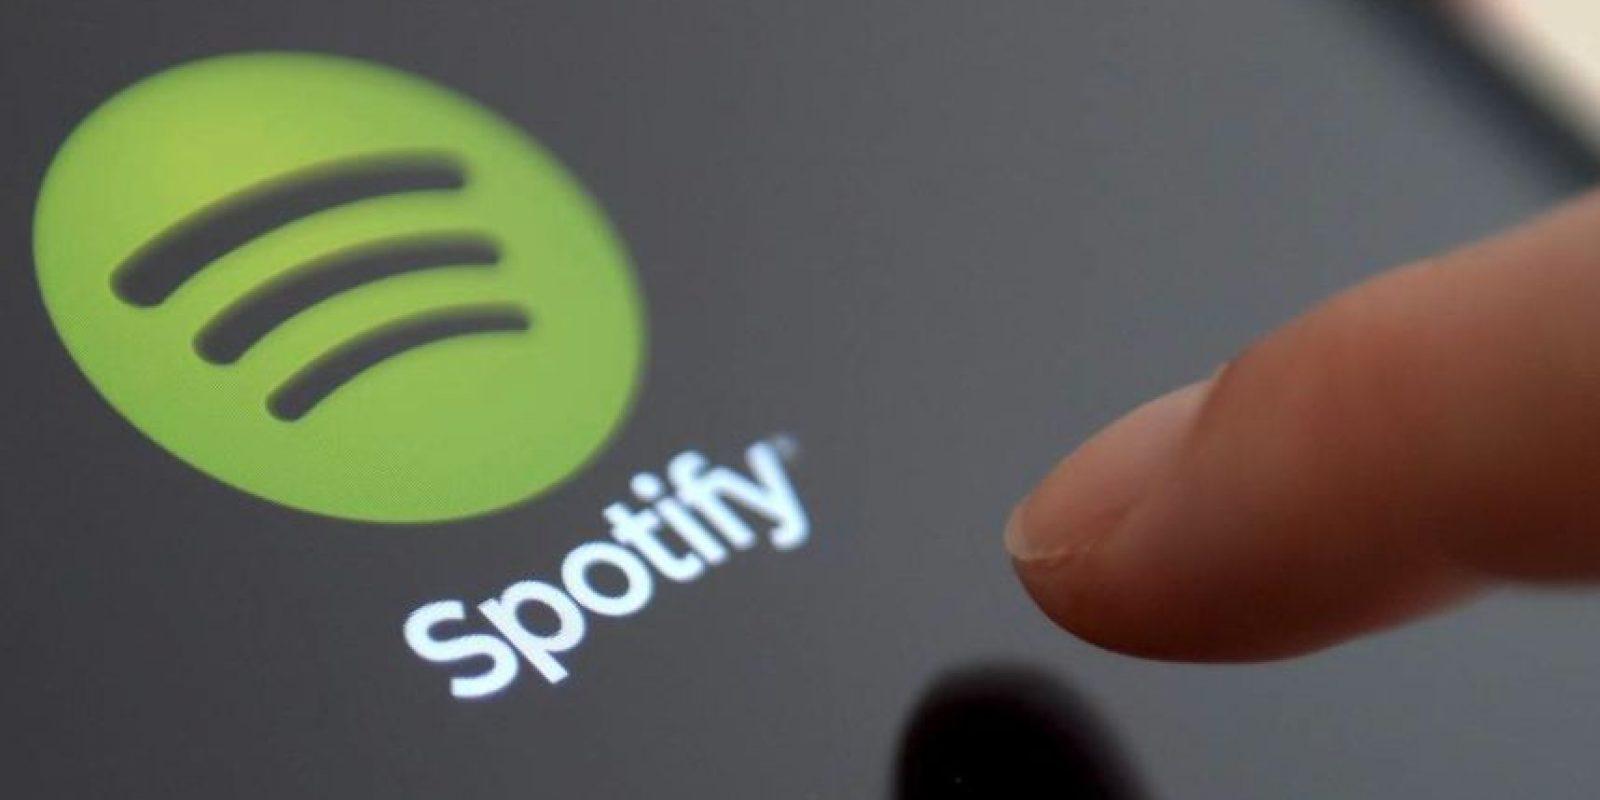 Ésta y la actualización para descubrir música semanalmente, estarán disponibles muy pronto en todas las versiones del programa Foto:Getty Images